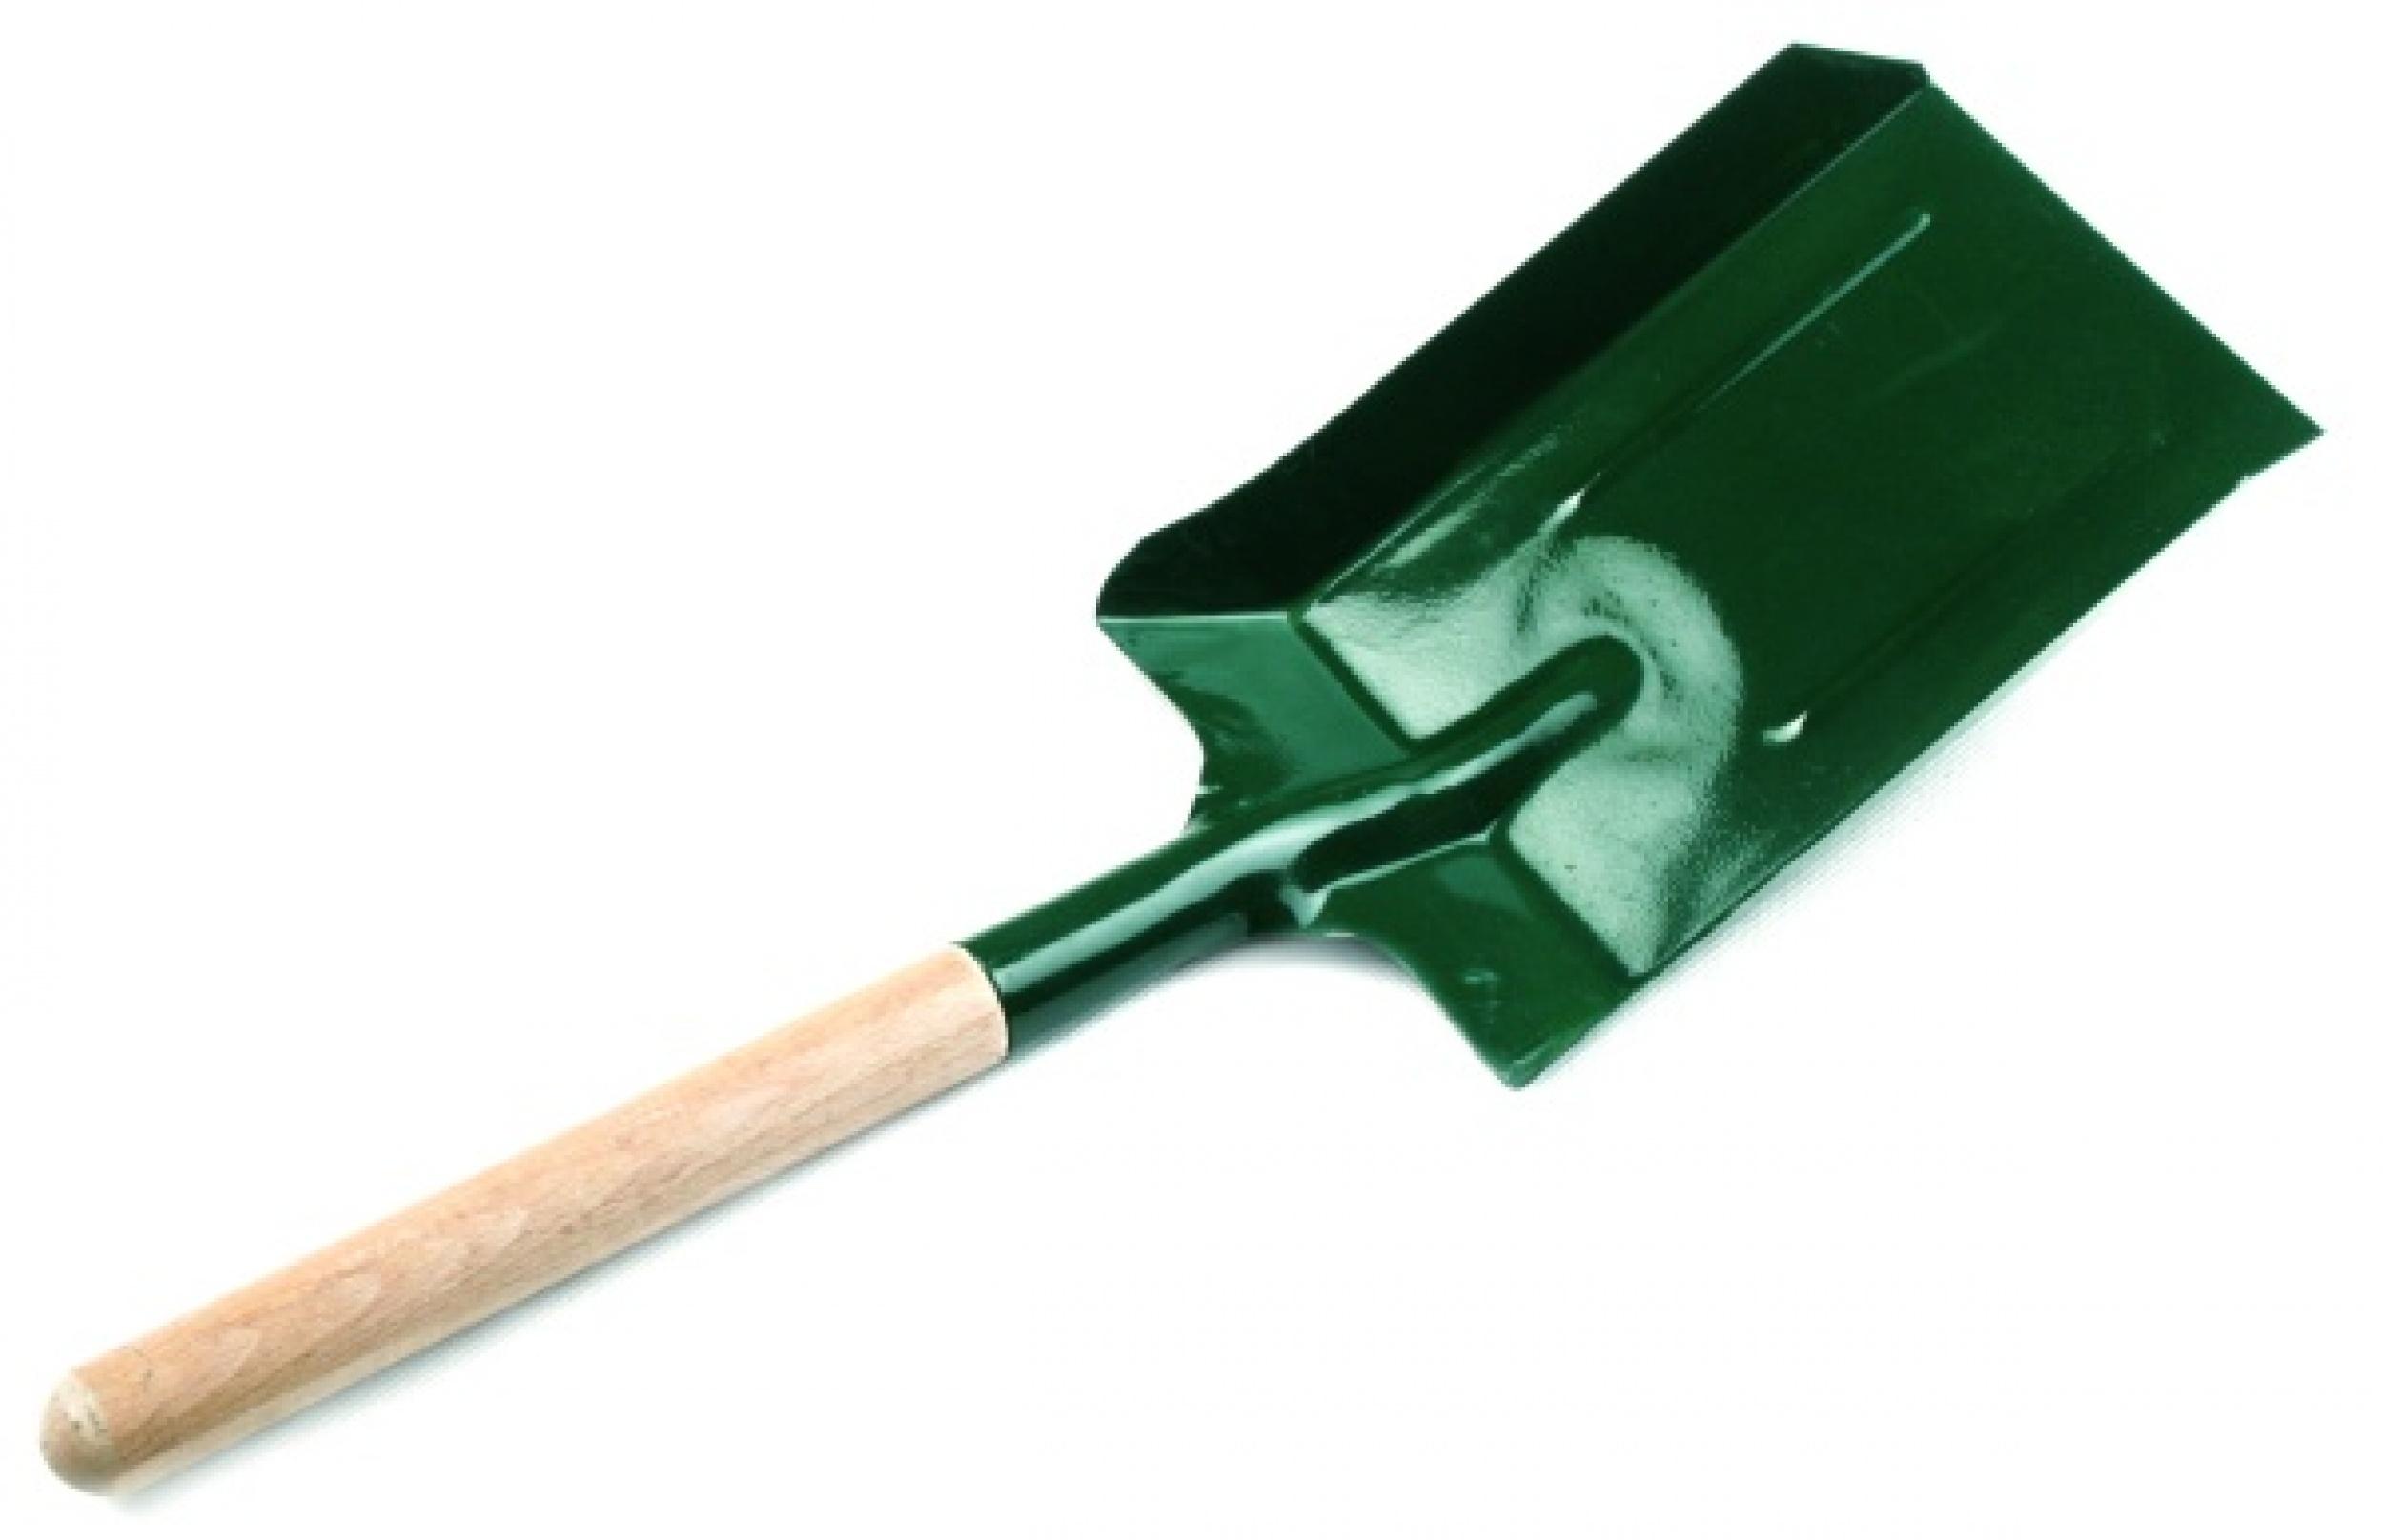 Čepeľ pre kovový priemer uhlíkovej pece 7 cm